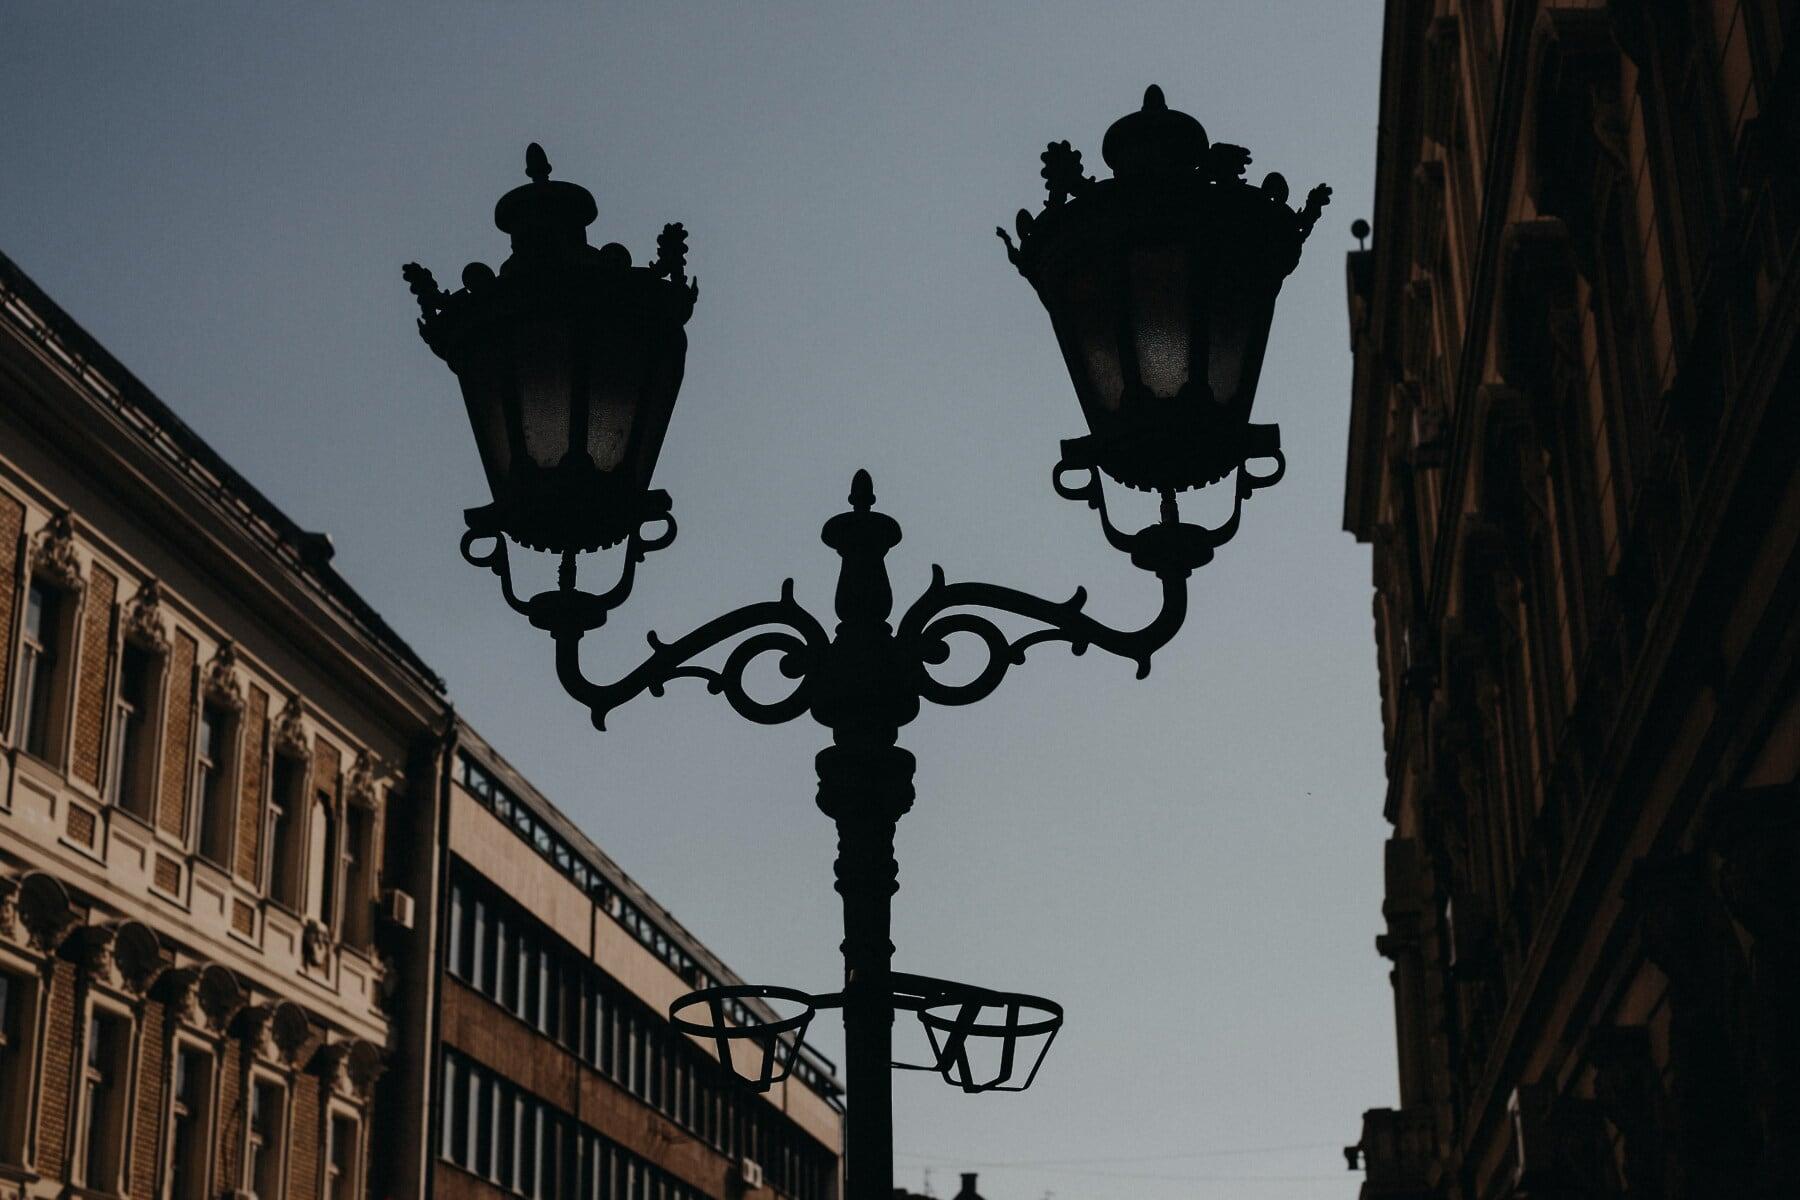 Straße, Barock, aus Gusseisen, Jahrgang, Lampe, Schatten, Dunkelheit, Silhouette, Architektur, Stadt